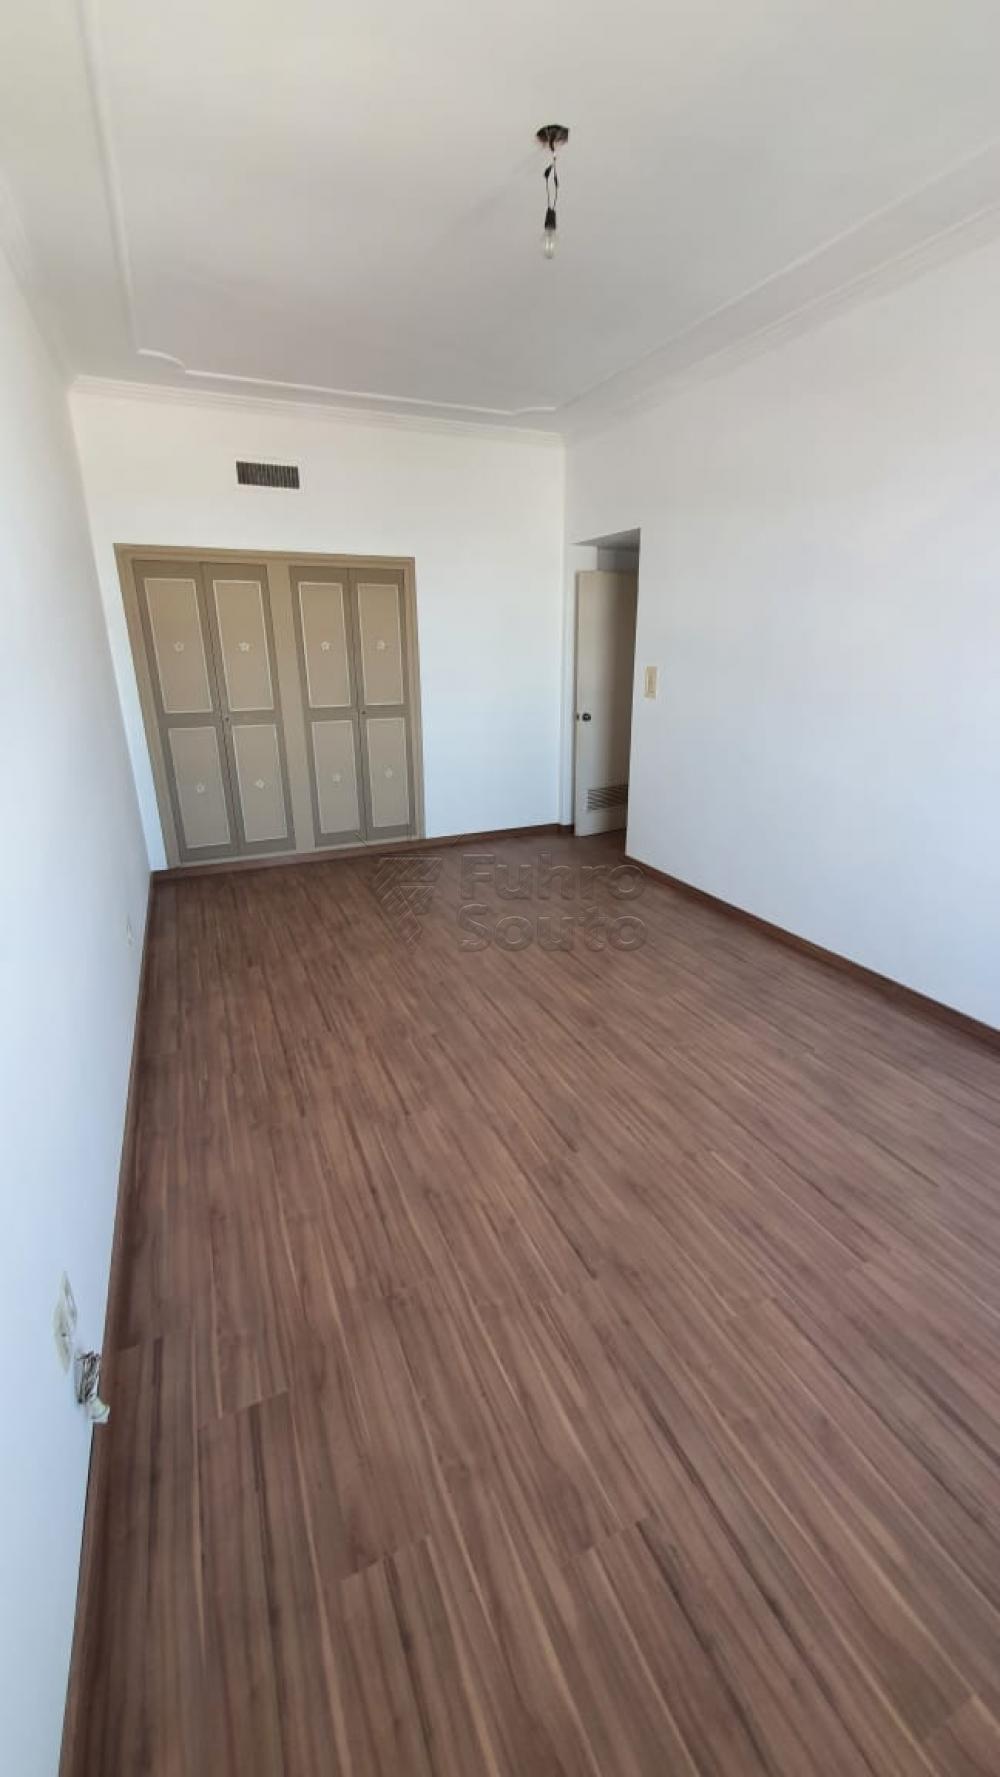 Comprar Apartamento / Padrão em Pelotas R$ 420.000,00 - Foto 15